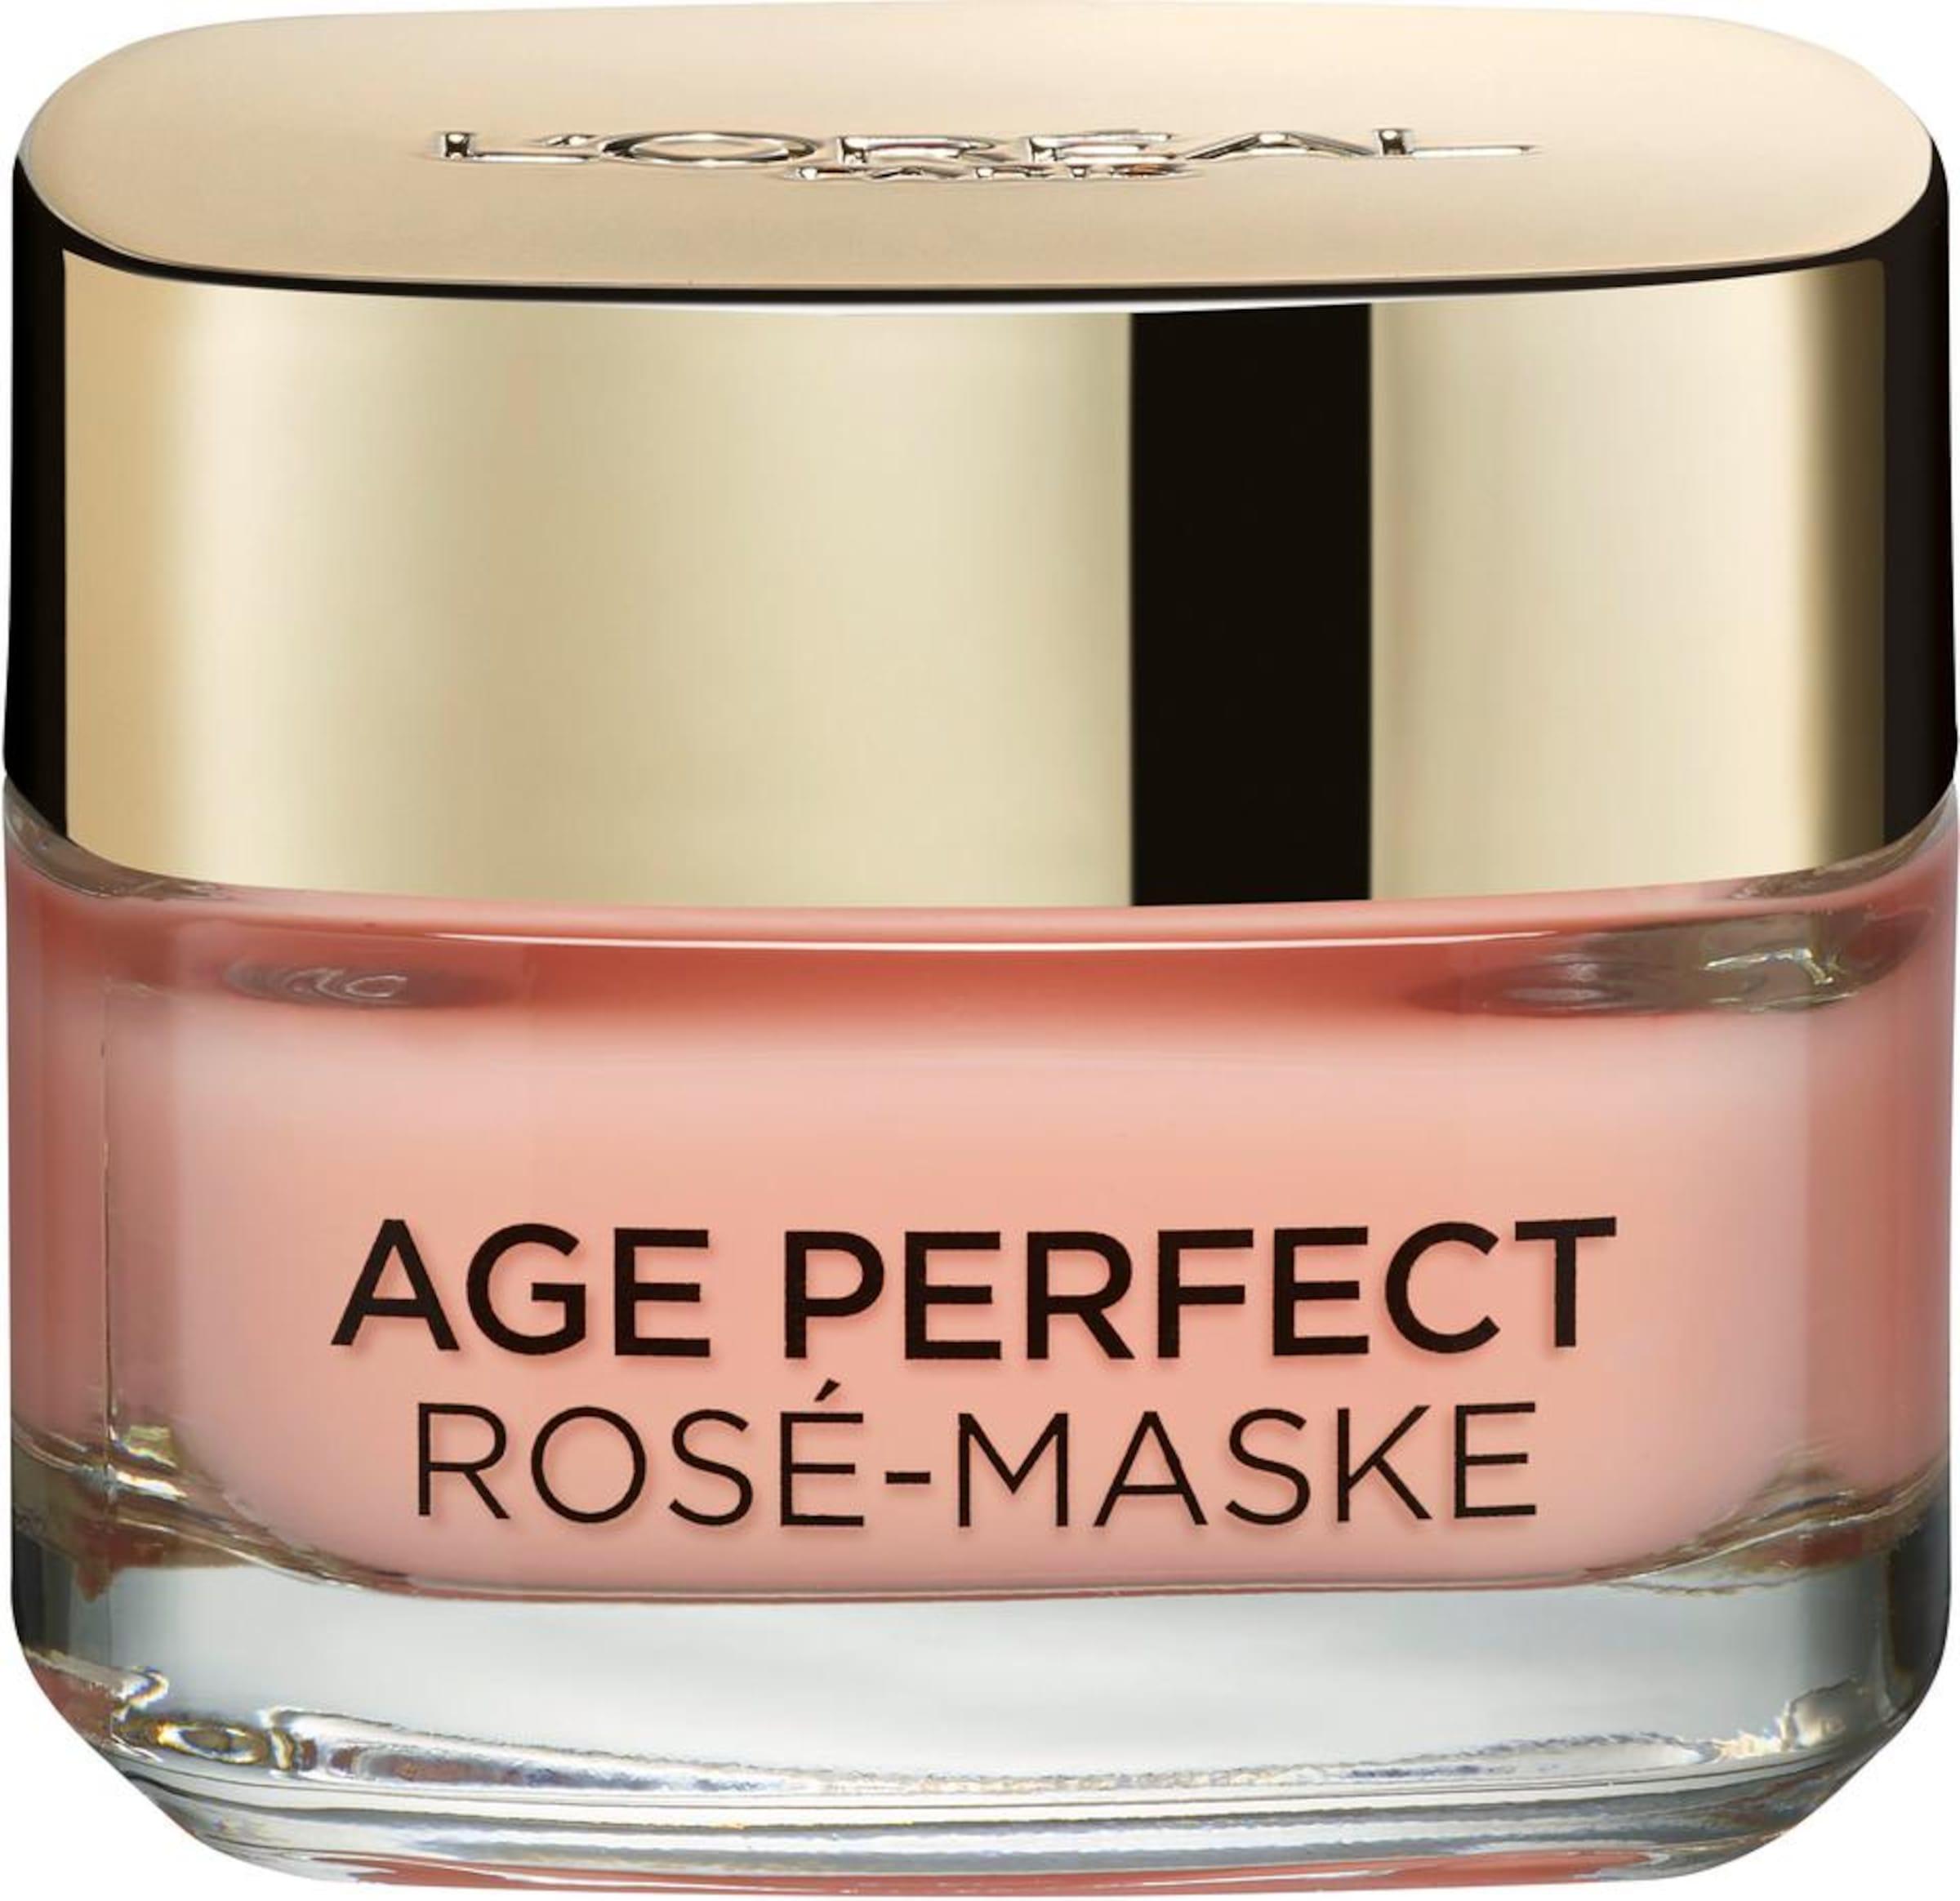 L'Oréal Paris 'Age Perfect Golden Age Maske', Gesichtsmaske